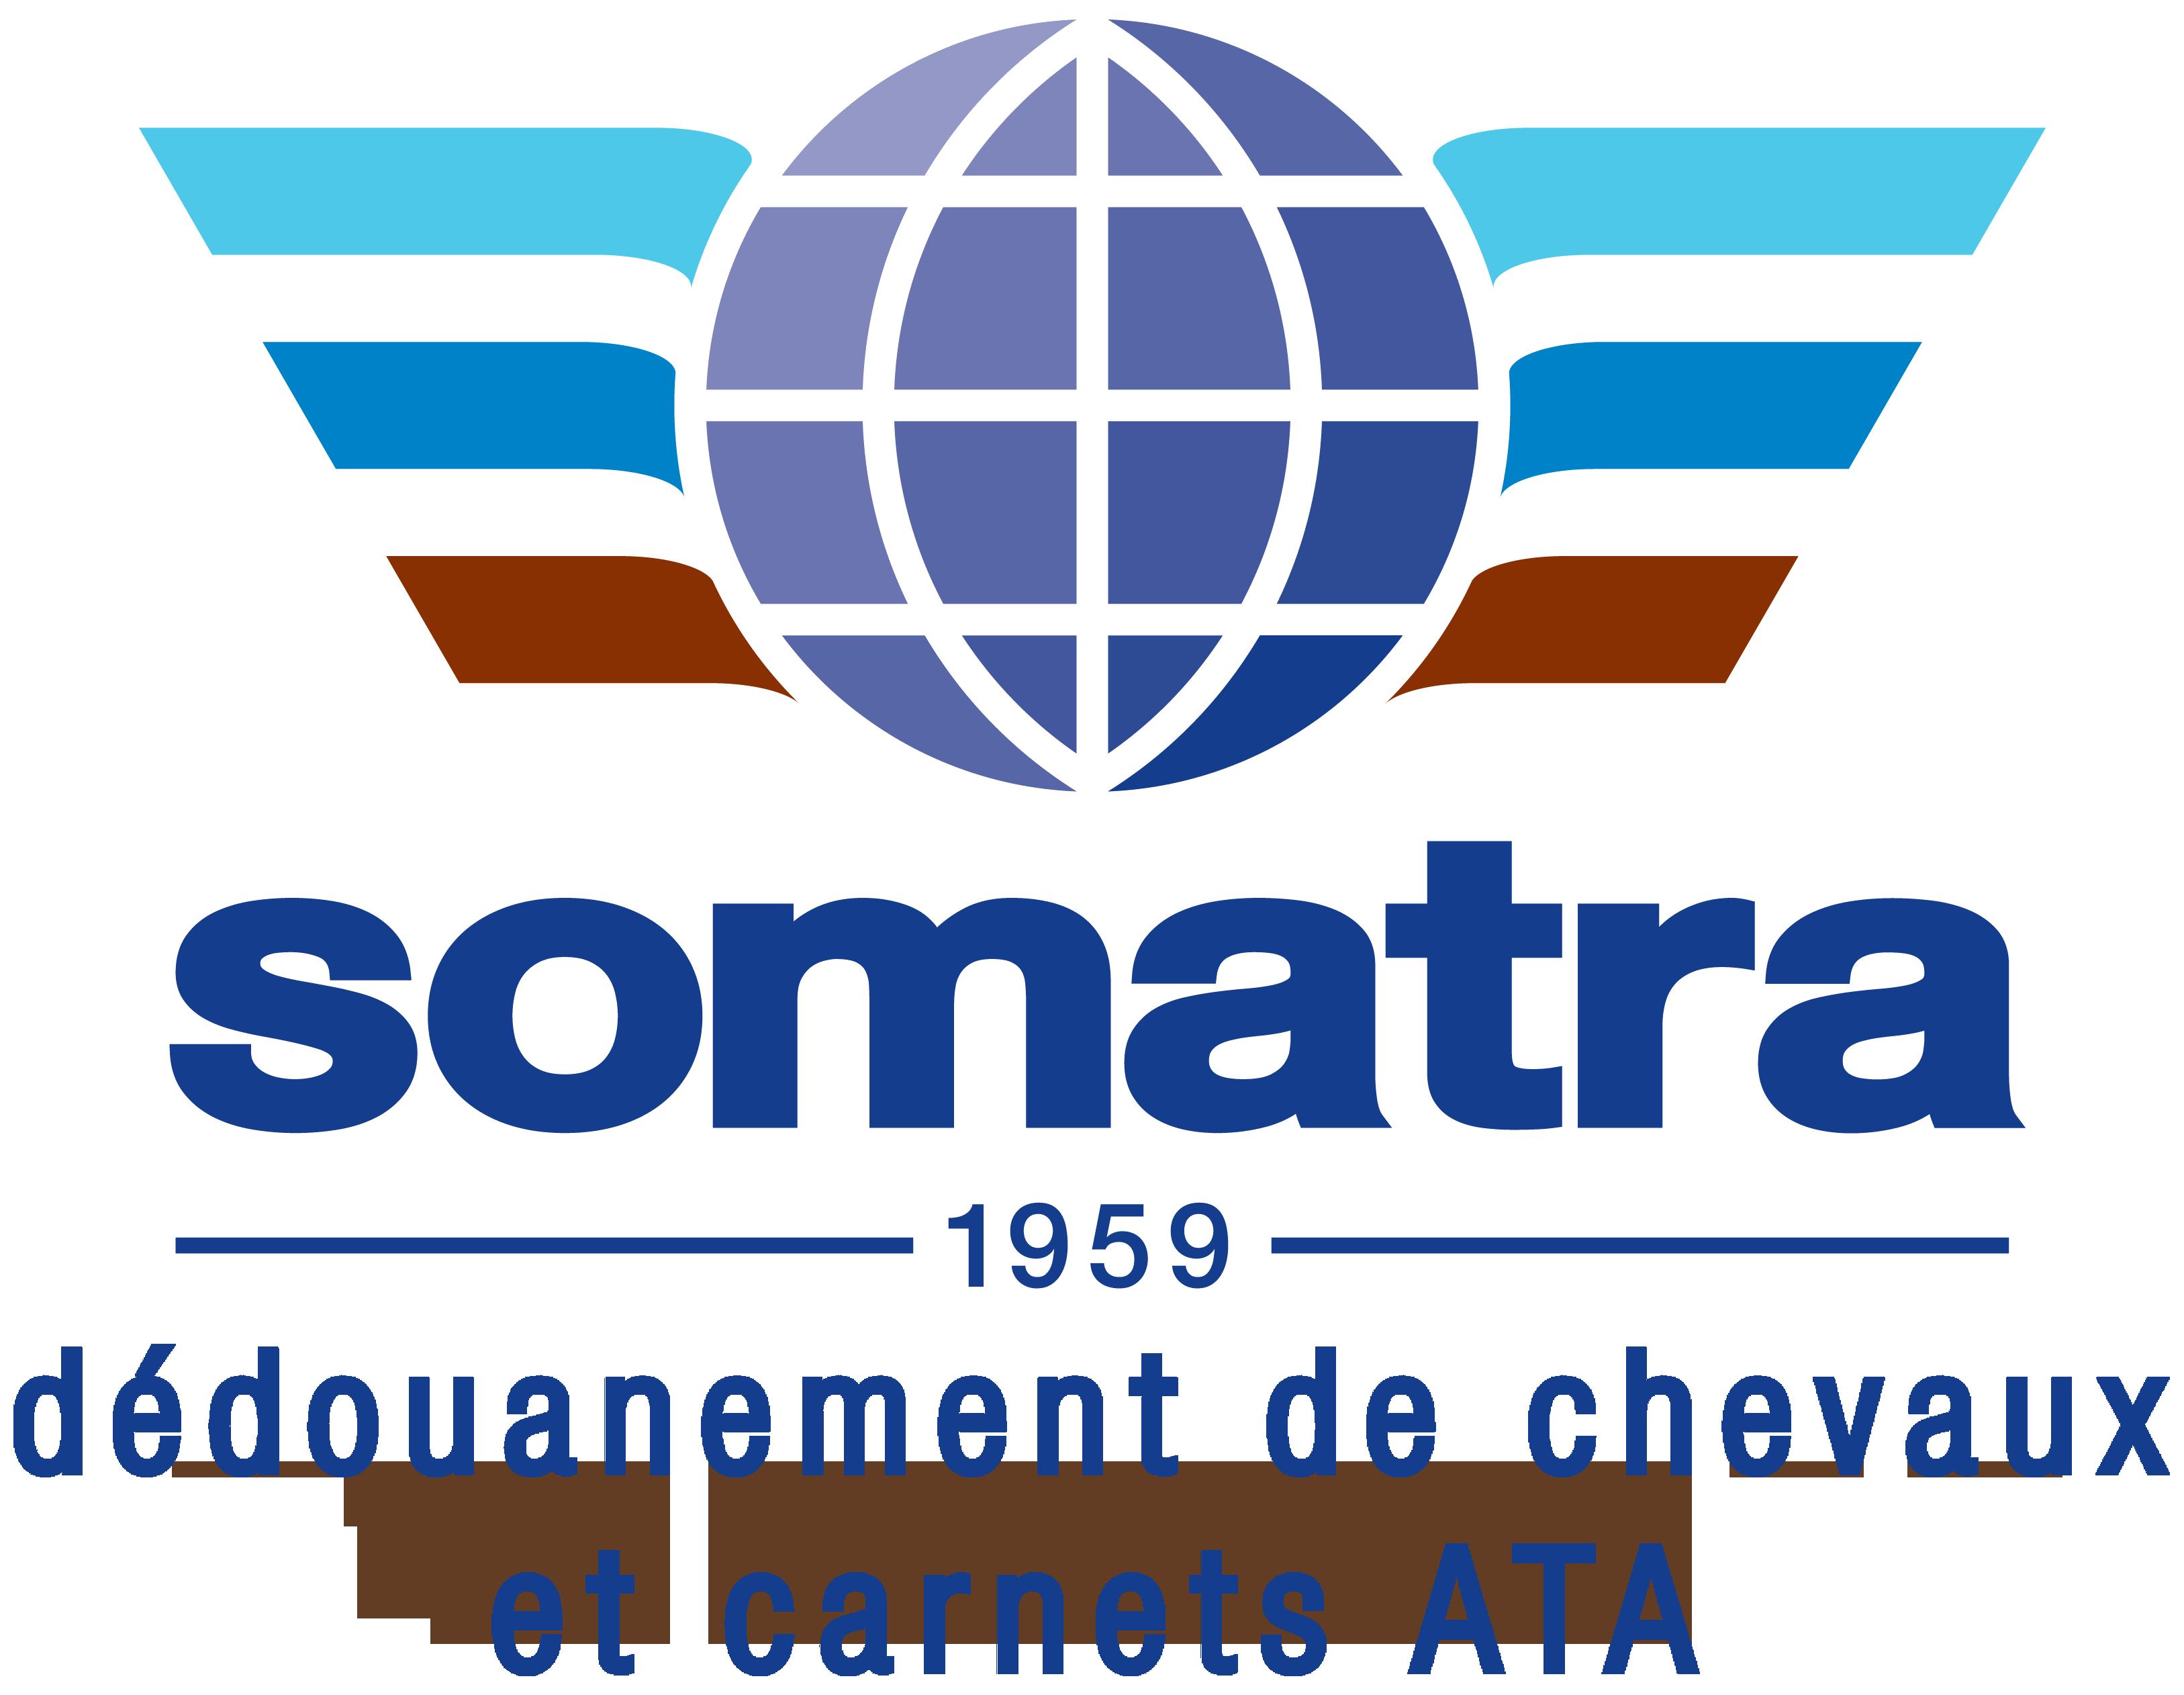 SOMATRA